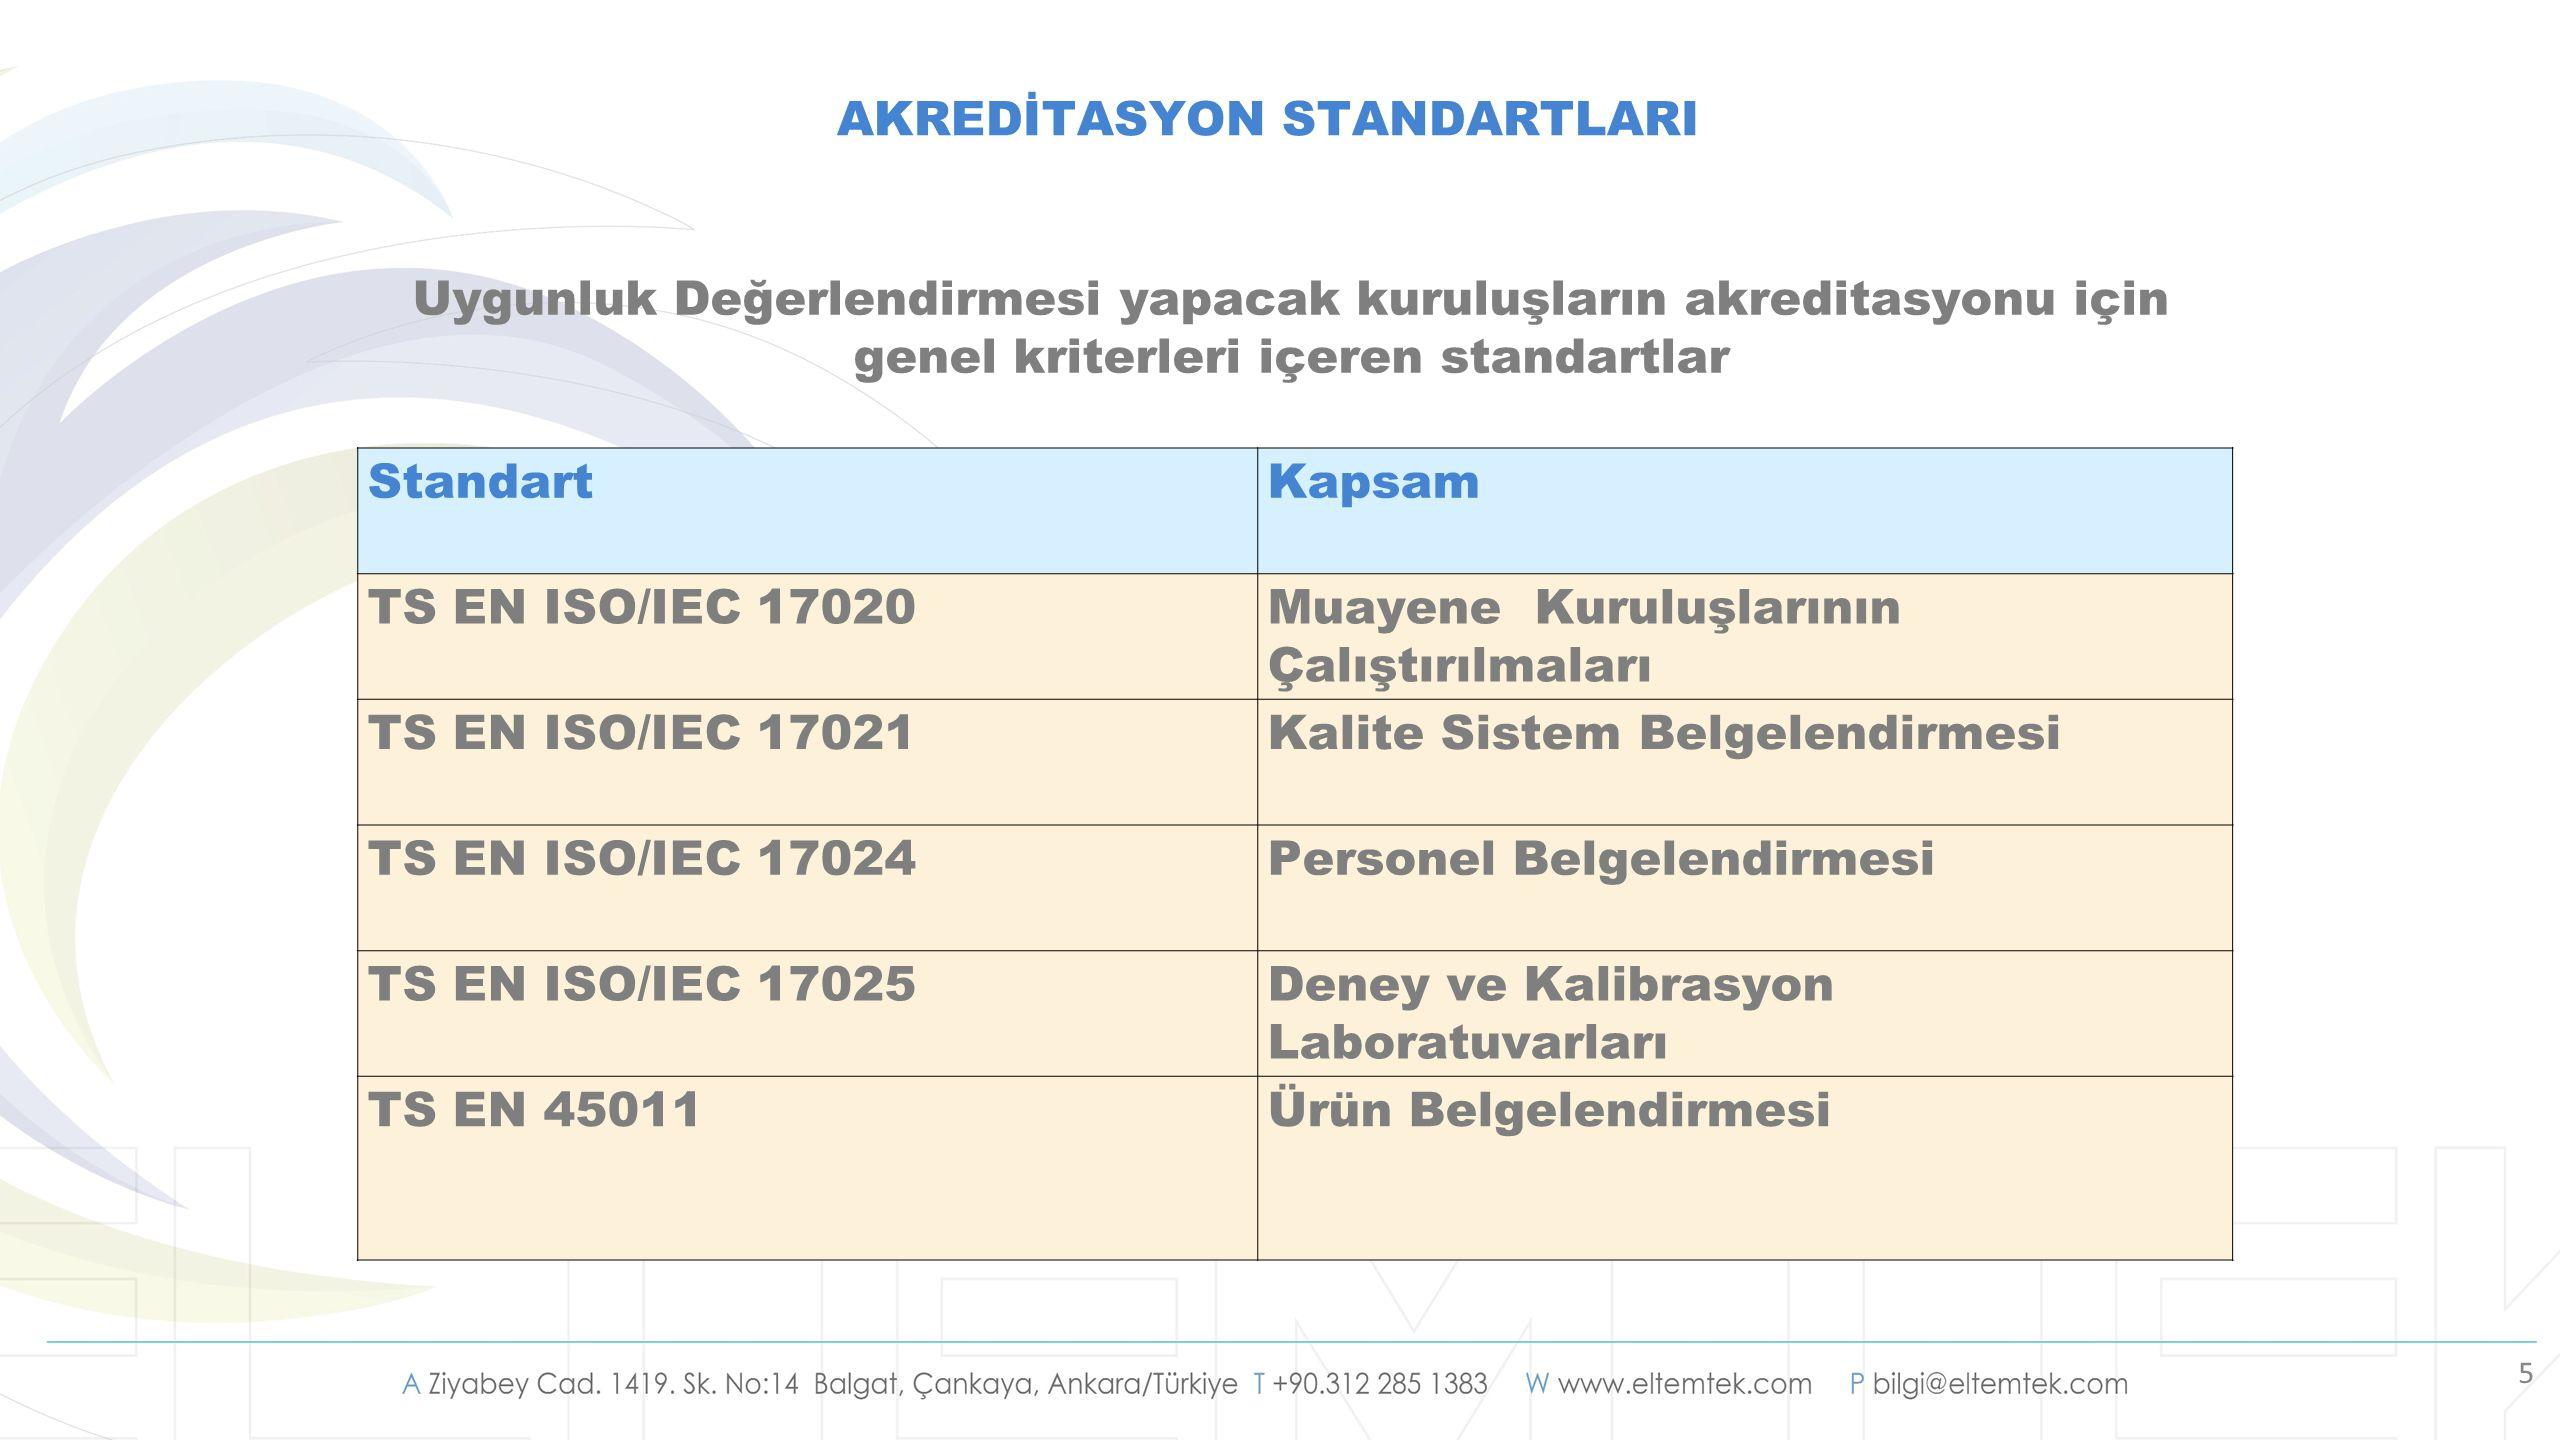 5 AKREDİTASYON STANDARTLARI Uygunluk Değerlendirmesi yapacak kuruluşların akreditasyonu için genel kriterleri içeren standartlar StandartKapsam TS EN